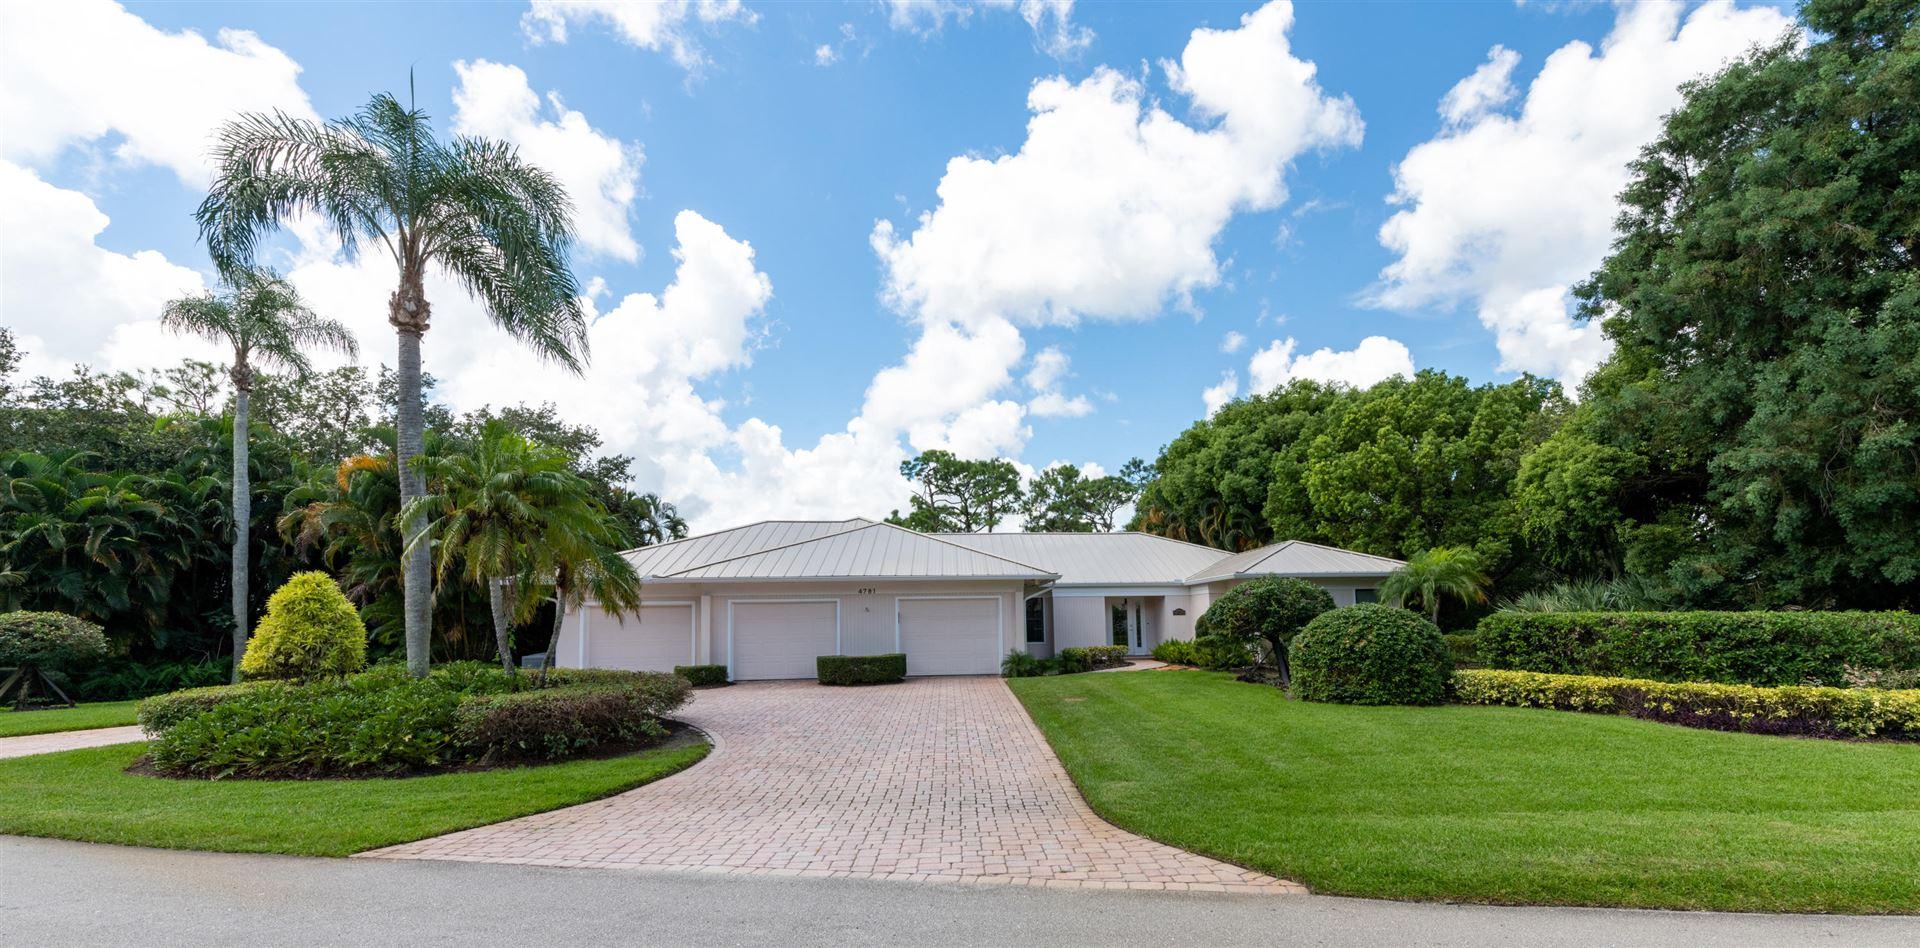 4781 SW Parkgate Boulevard, Palm City, FL 34990 - MLS#: RX-10737794